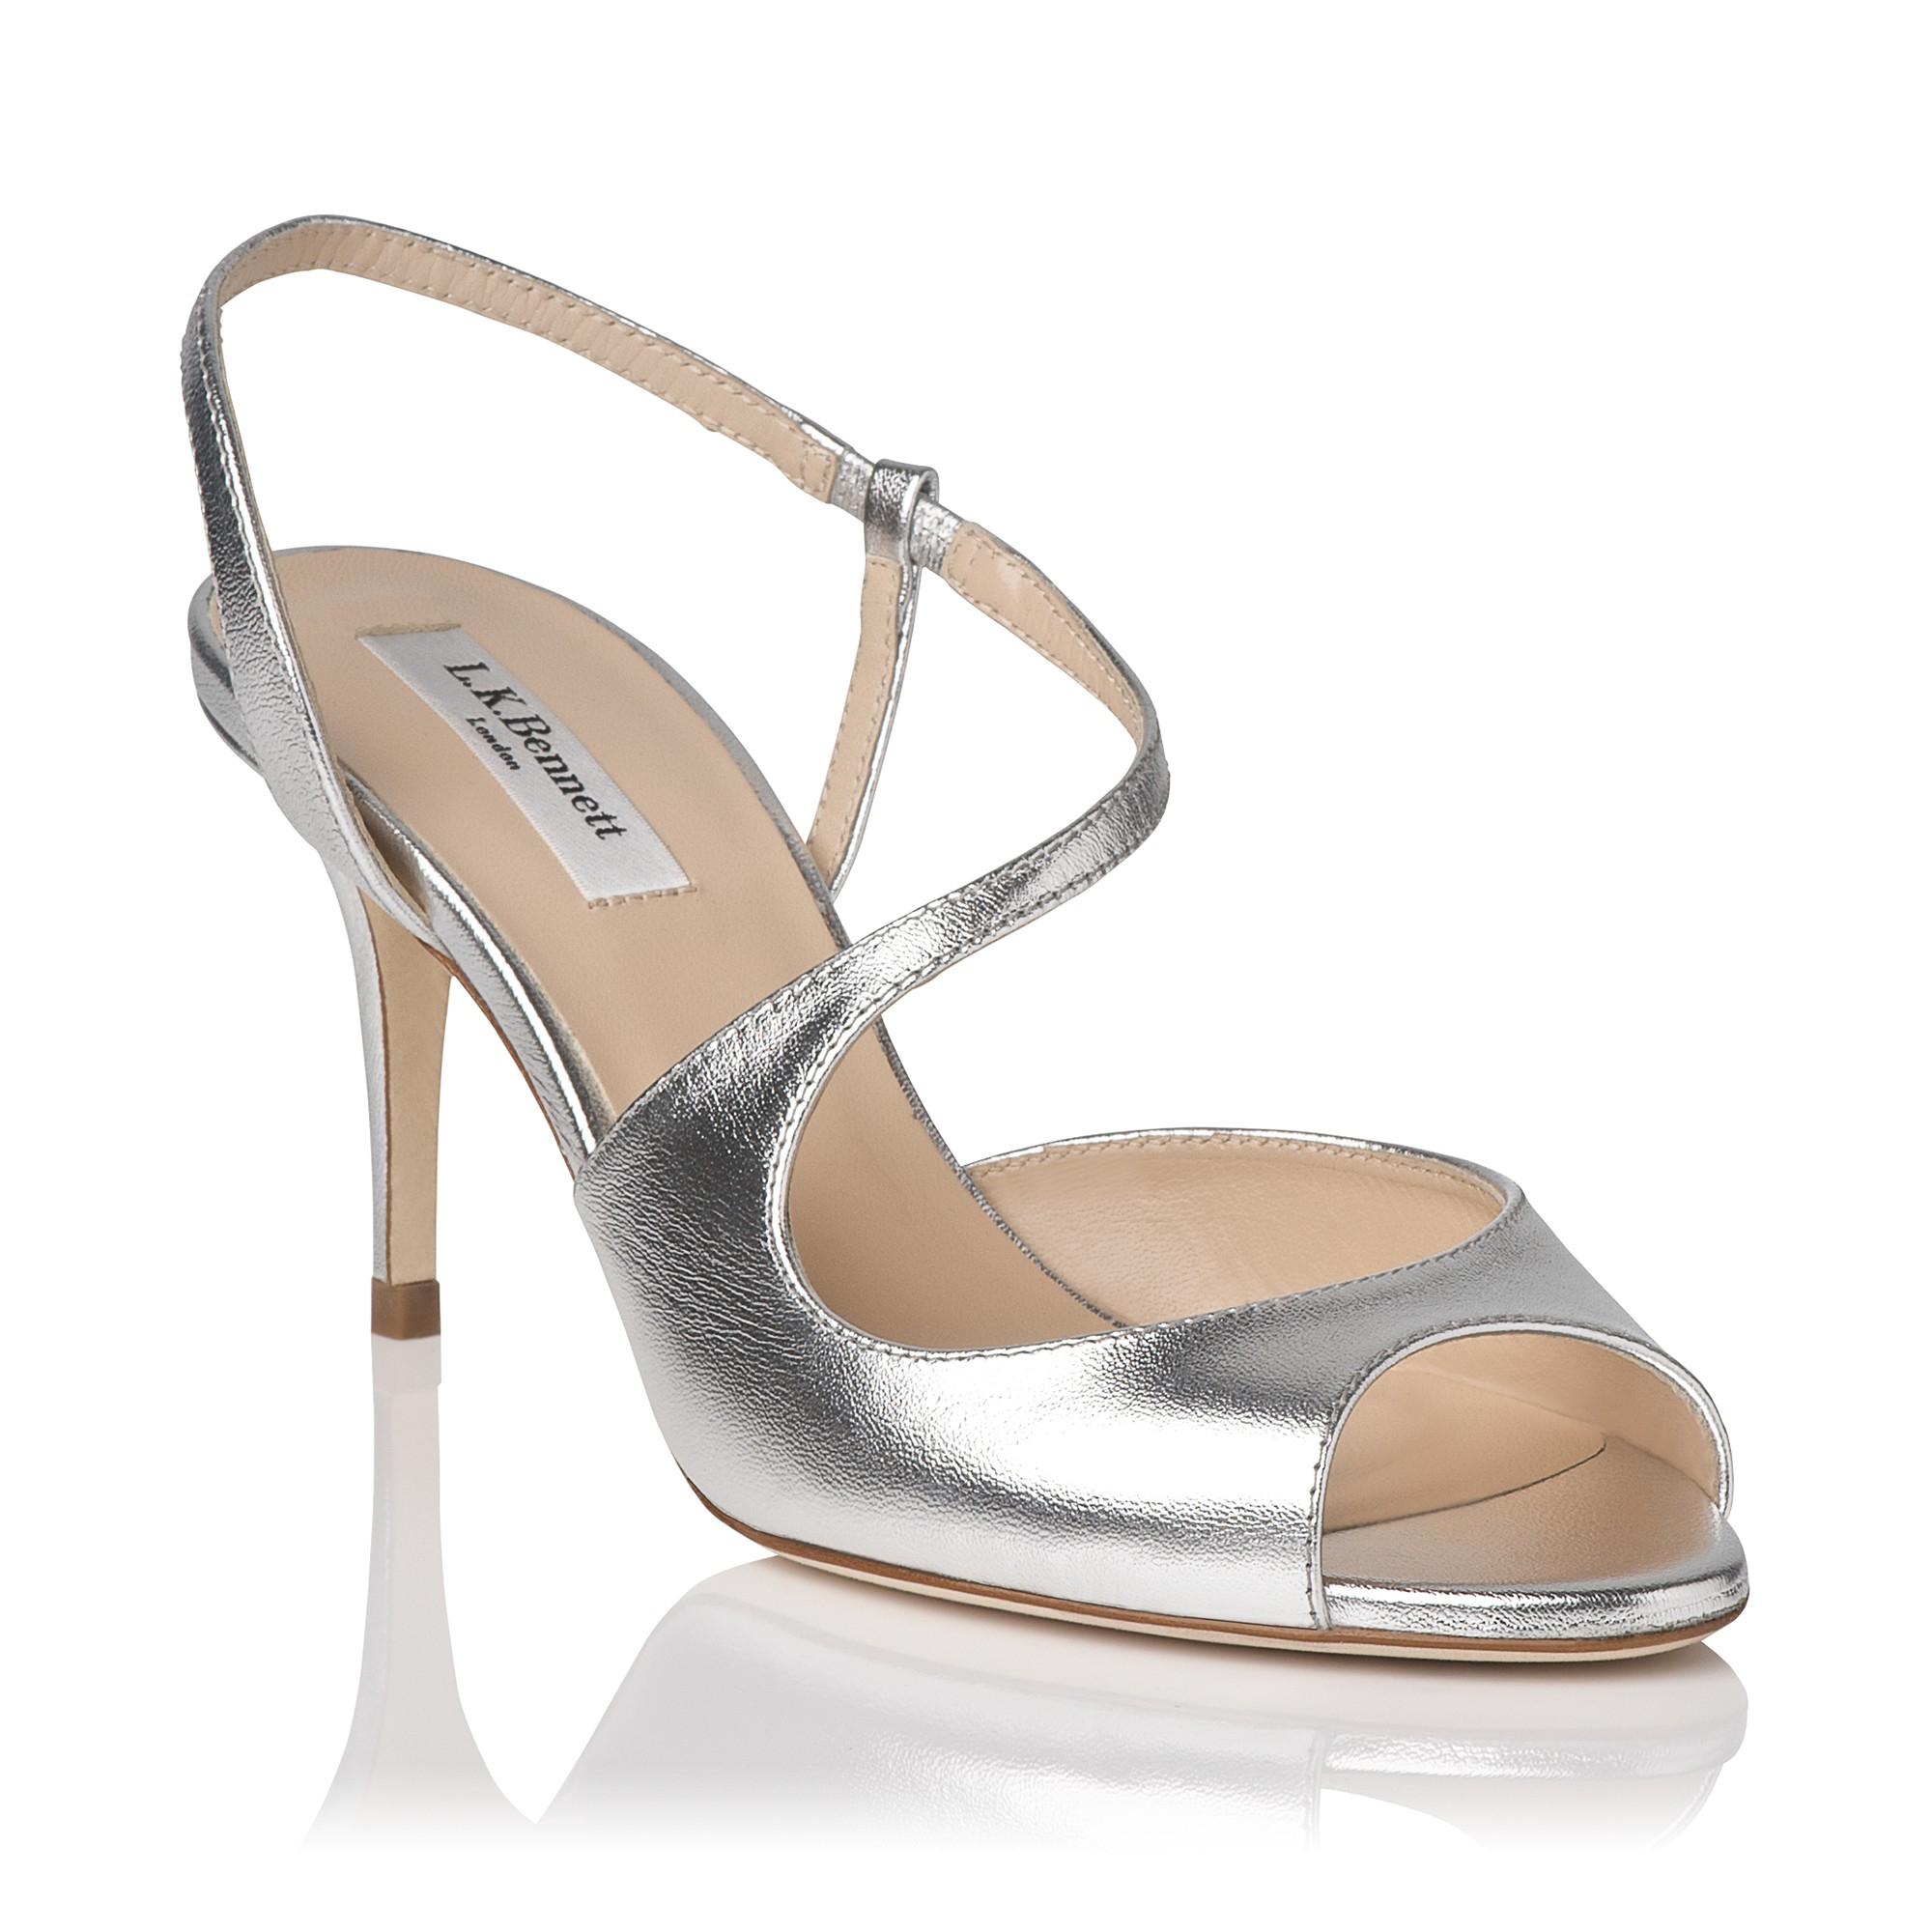 Silver Mid Heel Sandals | Tsaa Heel